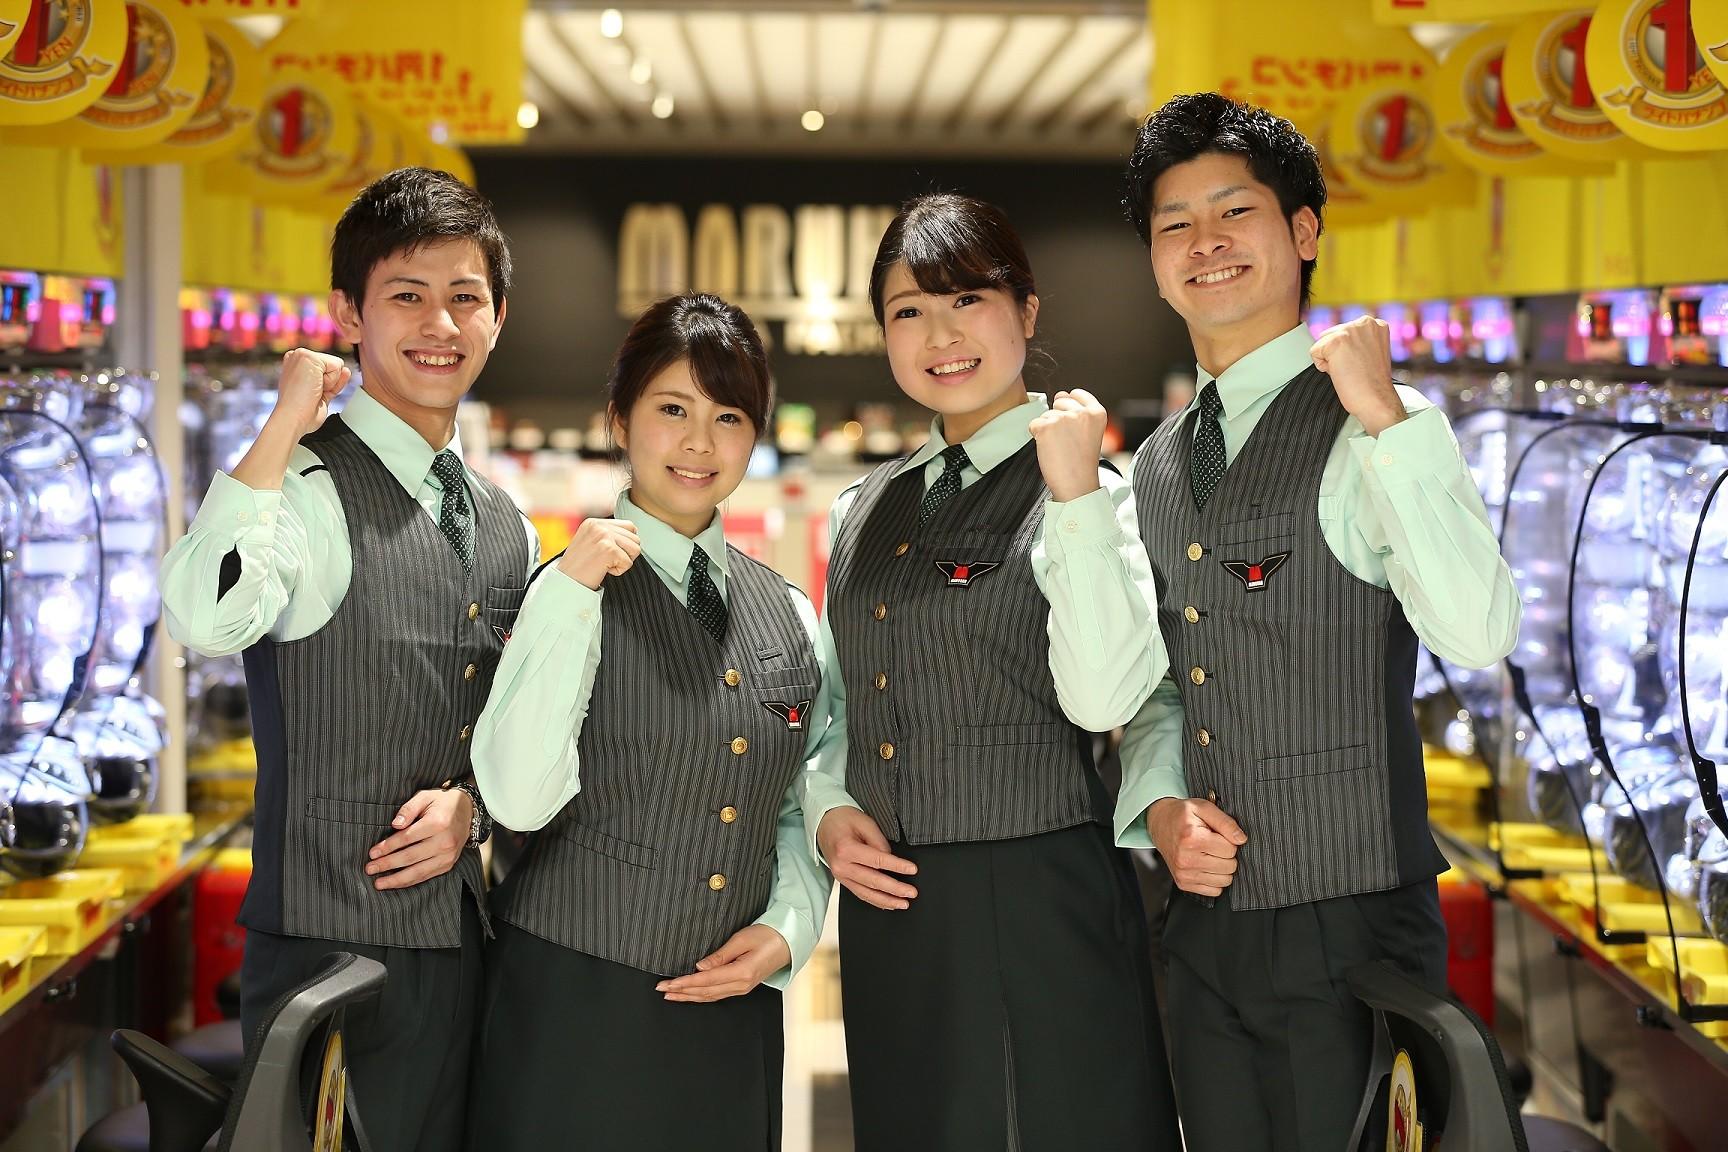 マルハン 鈴鹿店[2402] のアルバイト情報